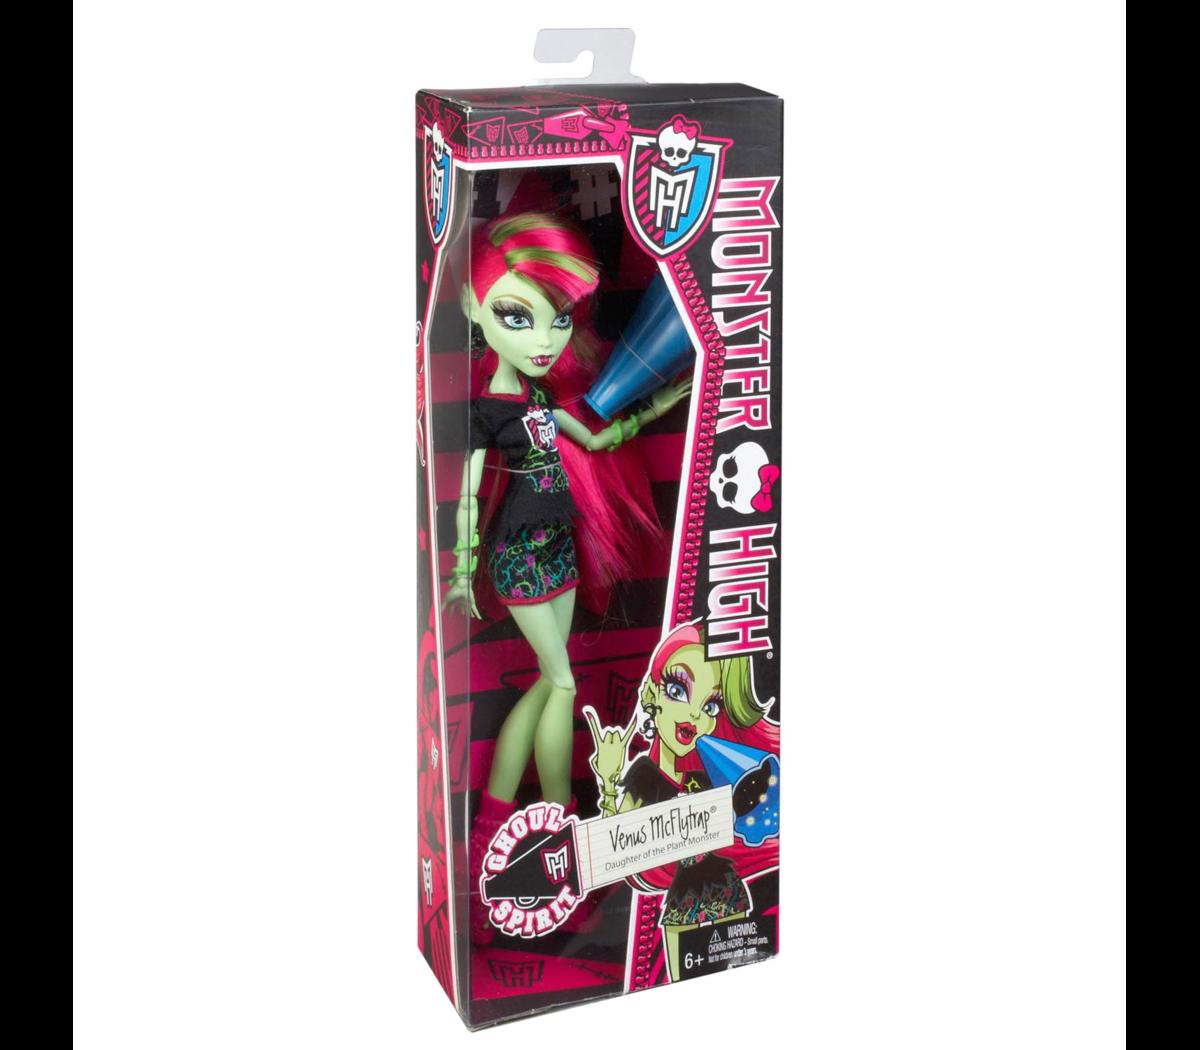 кухня куклы монстр хай в коробке картинки помощи различных